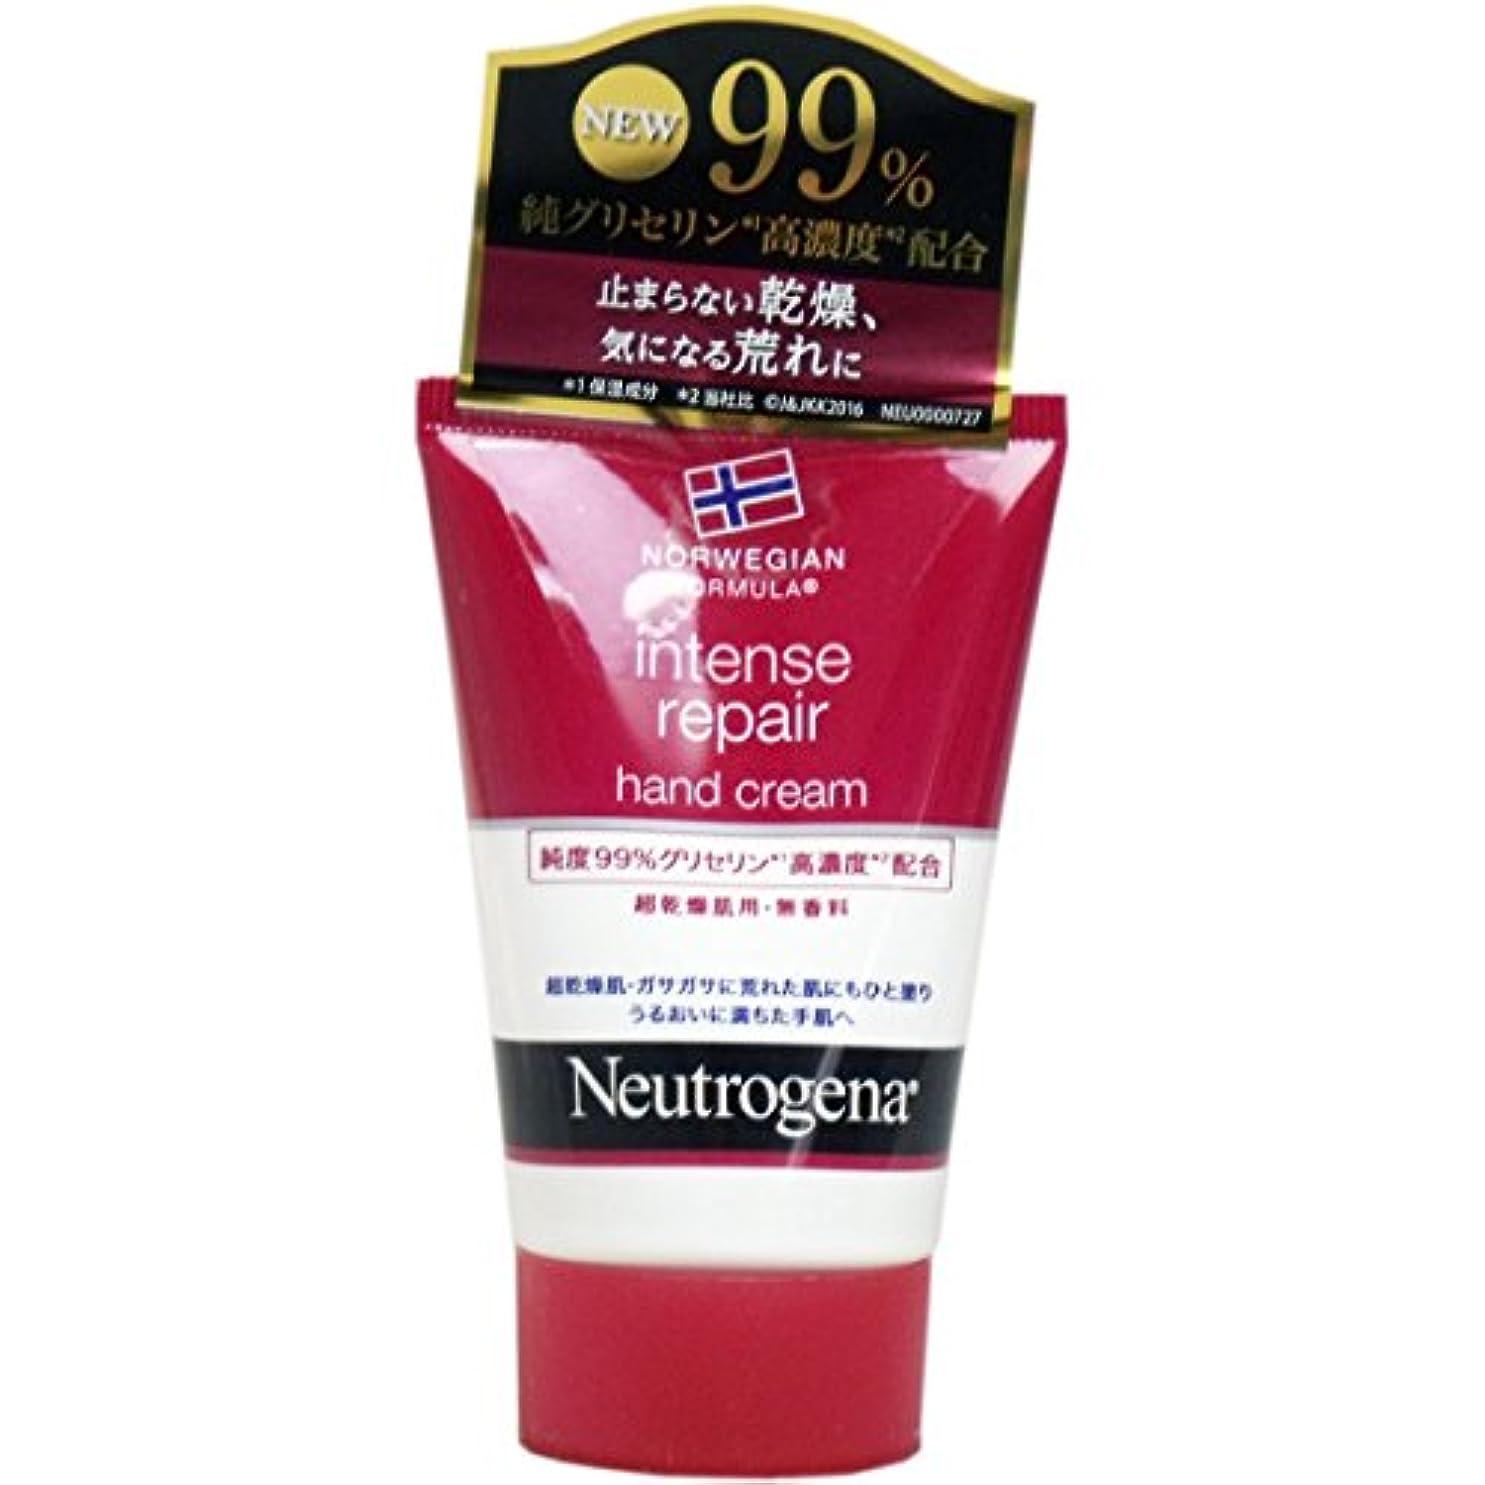 生き返らせる定刻最大の【セット品】Neutrogena(ニュートロジーナ) ノルウェーフォーミュラ インテンスリペア ハンドクリーム 超乾燥肌用 無香料 50g×6個